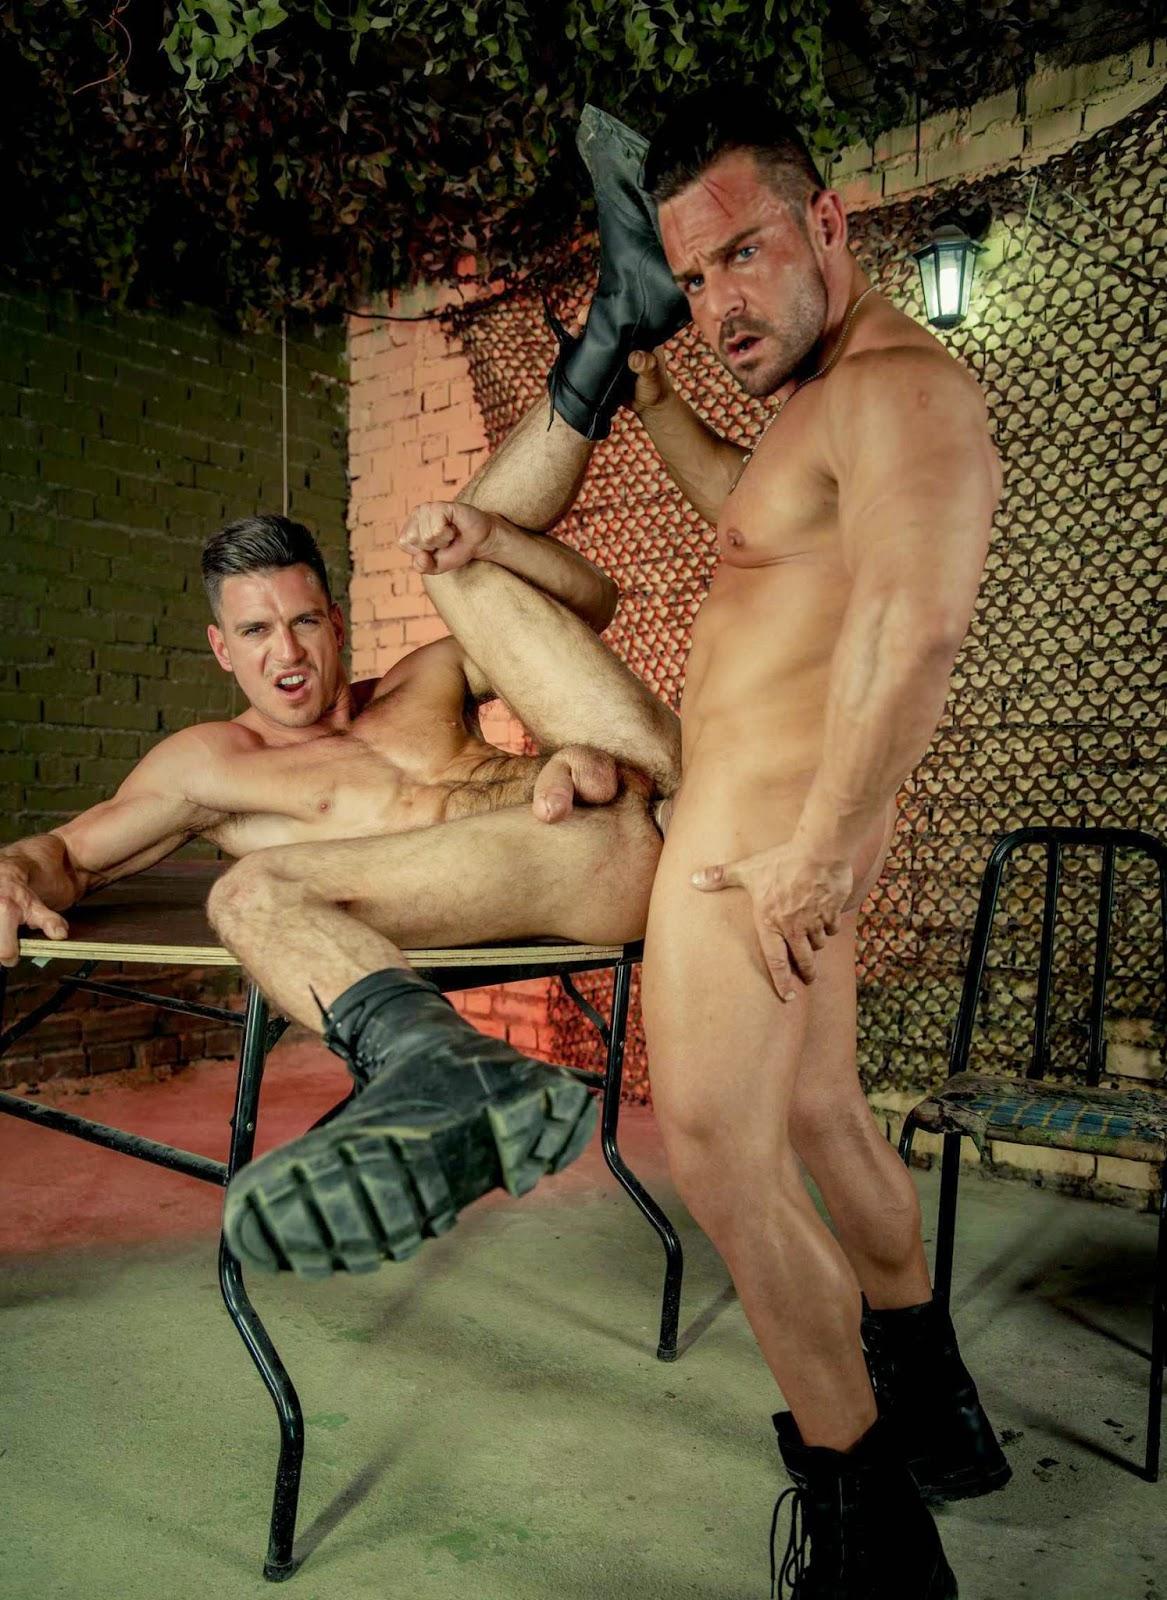 http://www.imagebam.com/gallery/a86uweizcu4251mvnce8eb87wbp98wgj